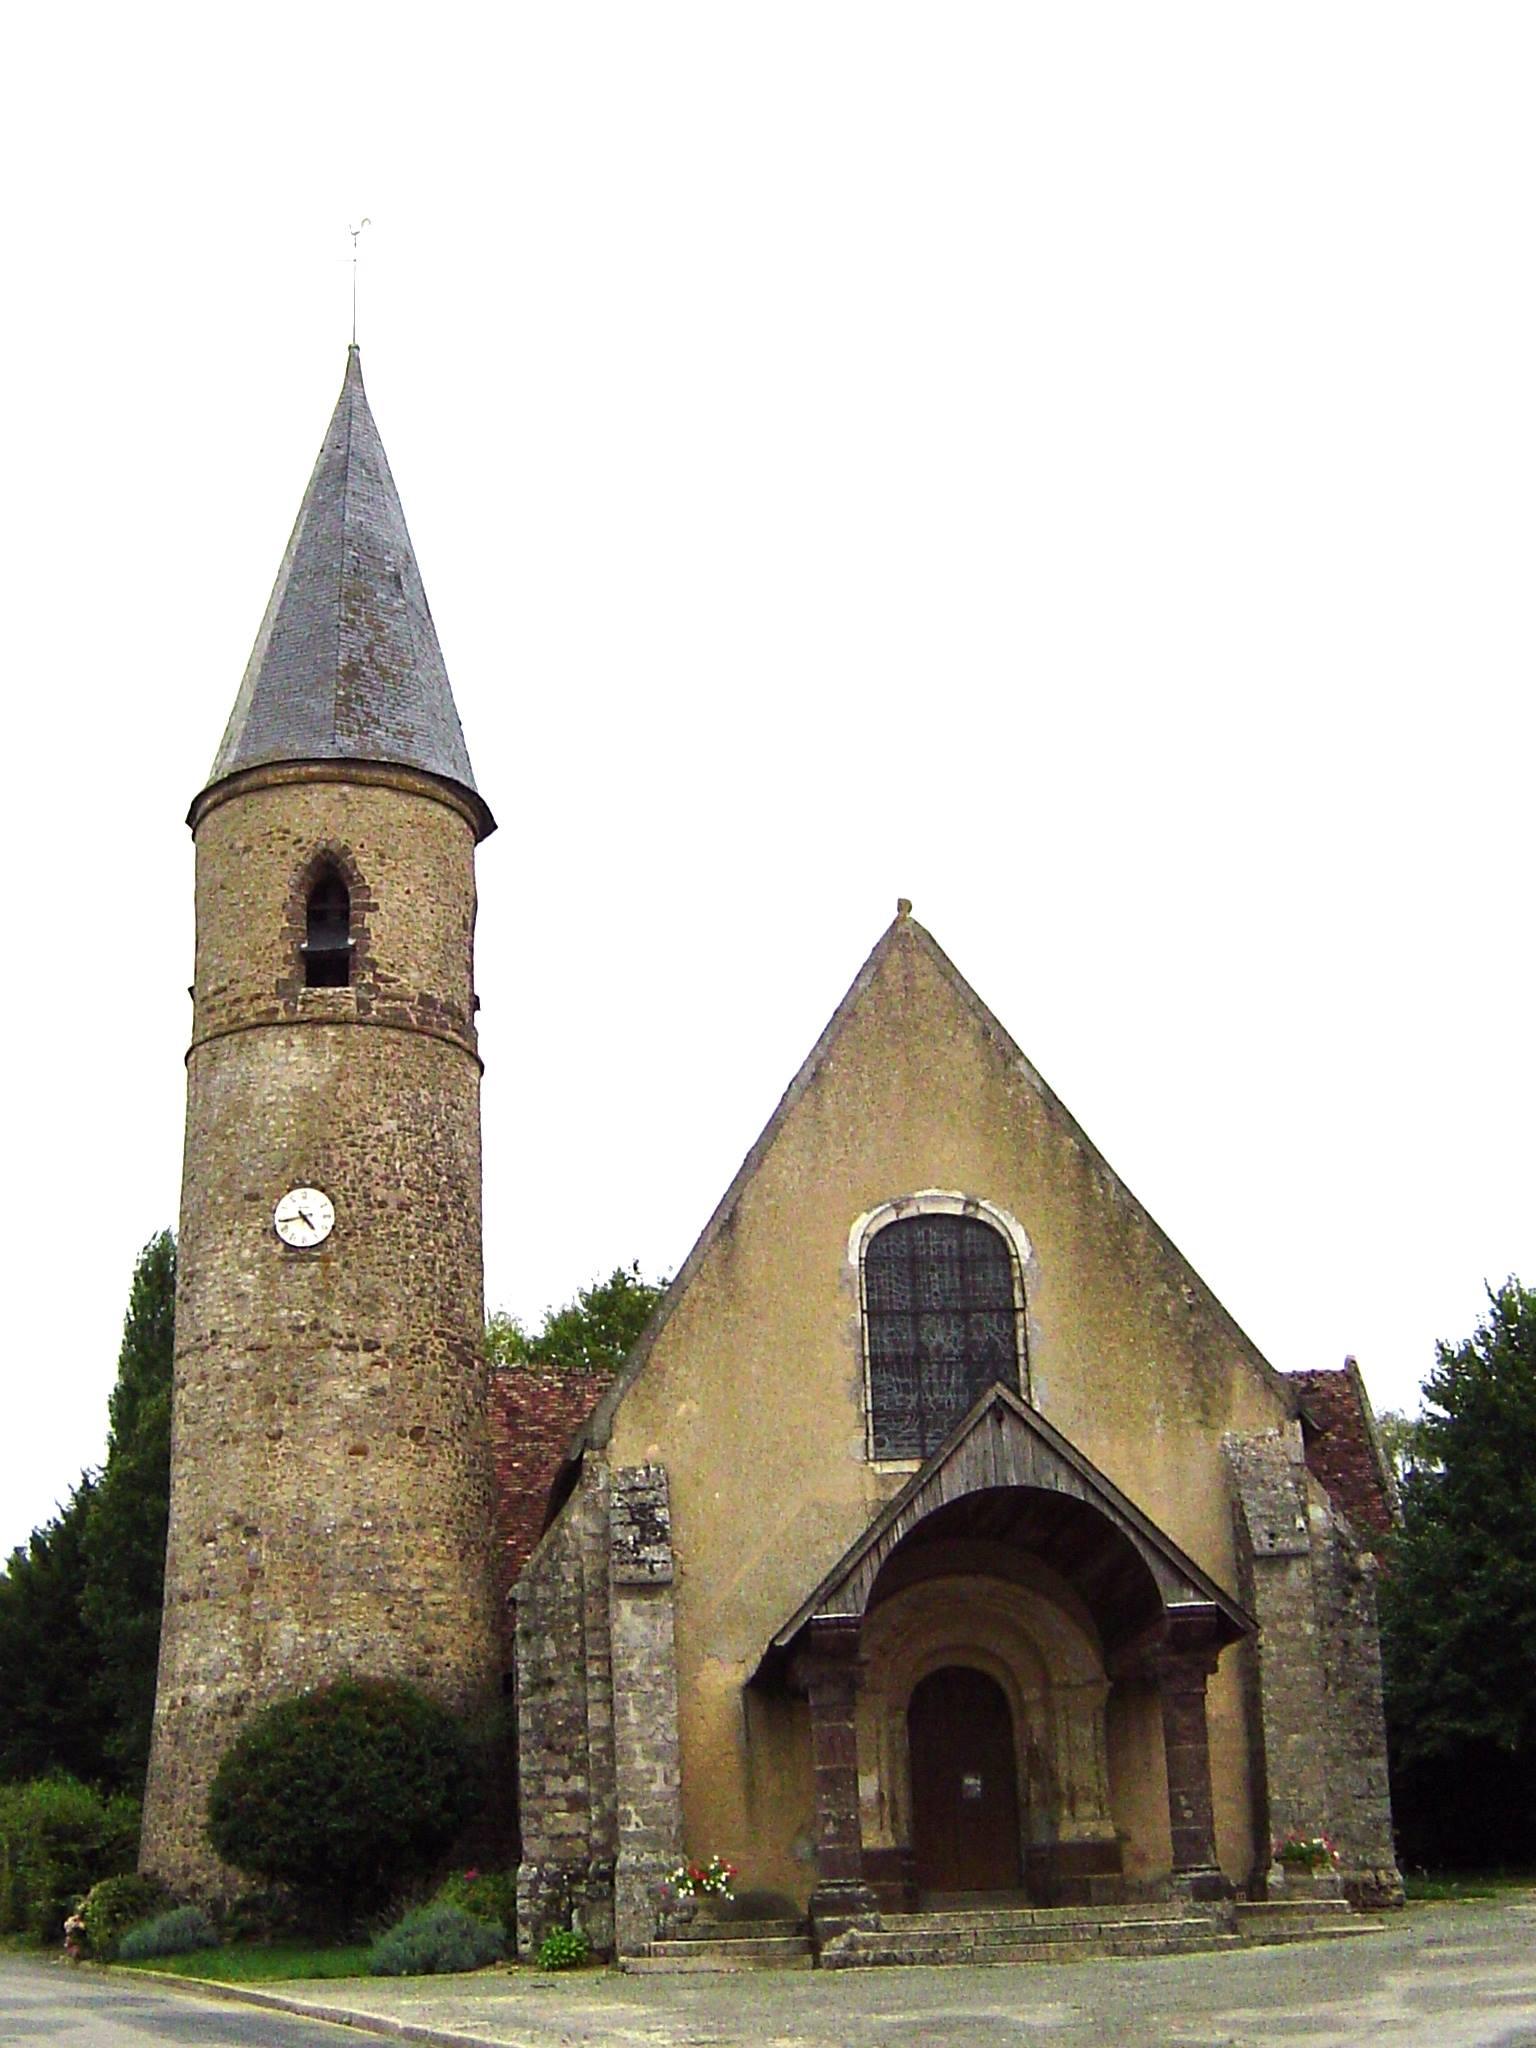 Saint Germain sur Sarthe - Saint Germain de la Coudre jusqu'en 1952 - Eglise Saint Germain (Camille Chauvet)